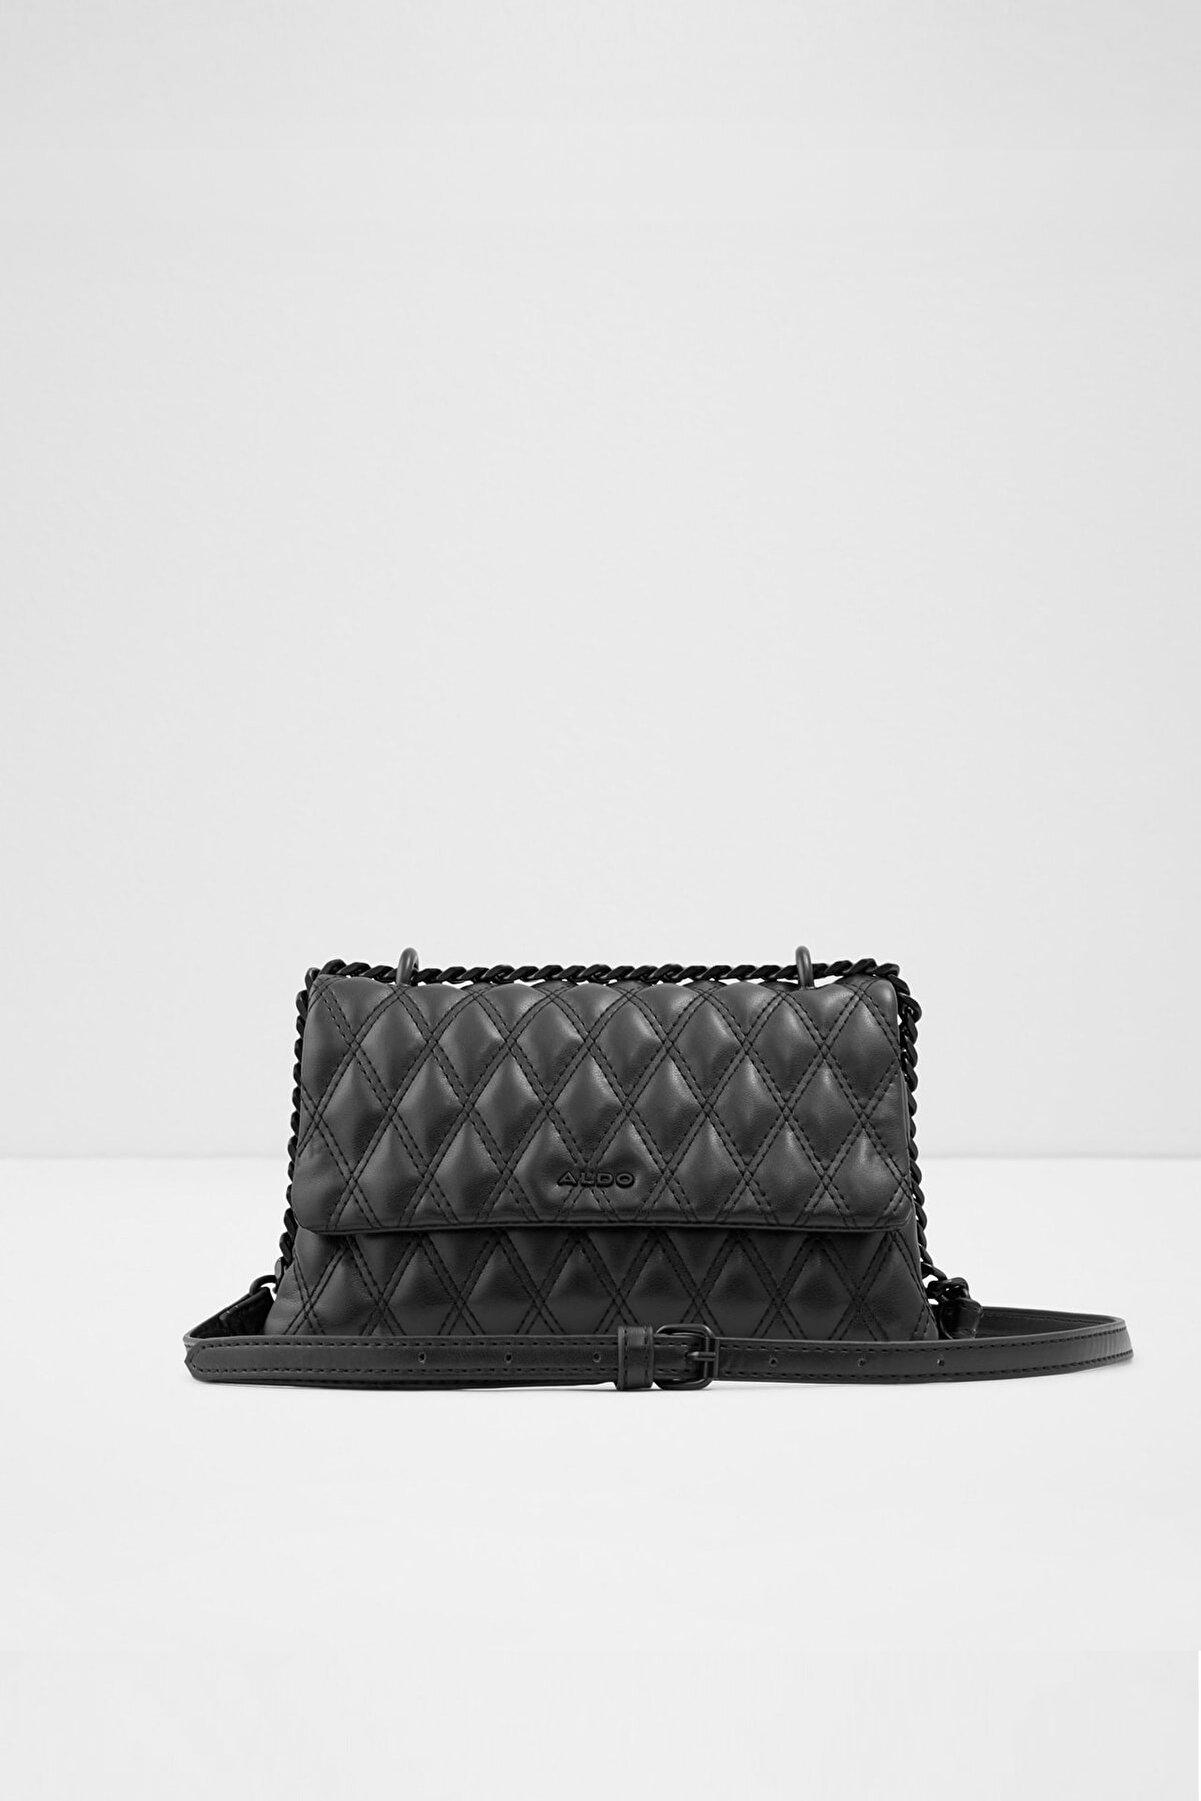 Aldo Kadın Çapraz Çanta Siyah